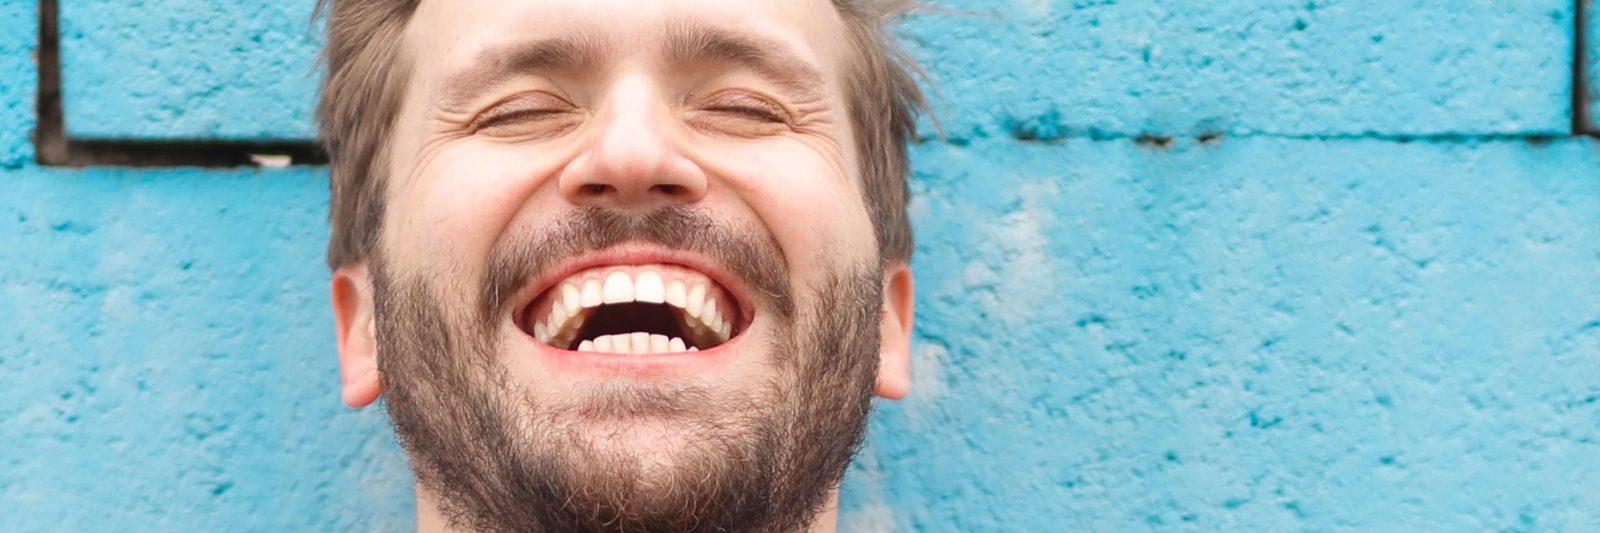 Nye naturtro tandkroner og broer med bedre tandbehandling